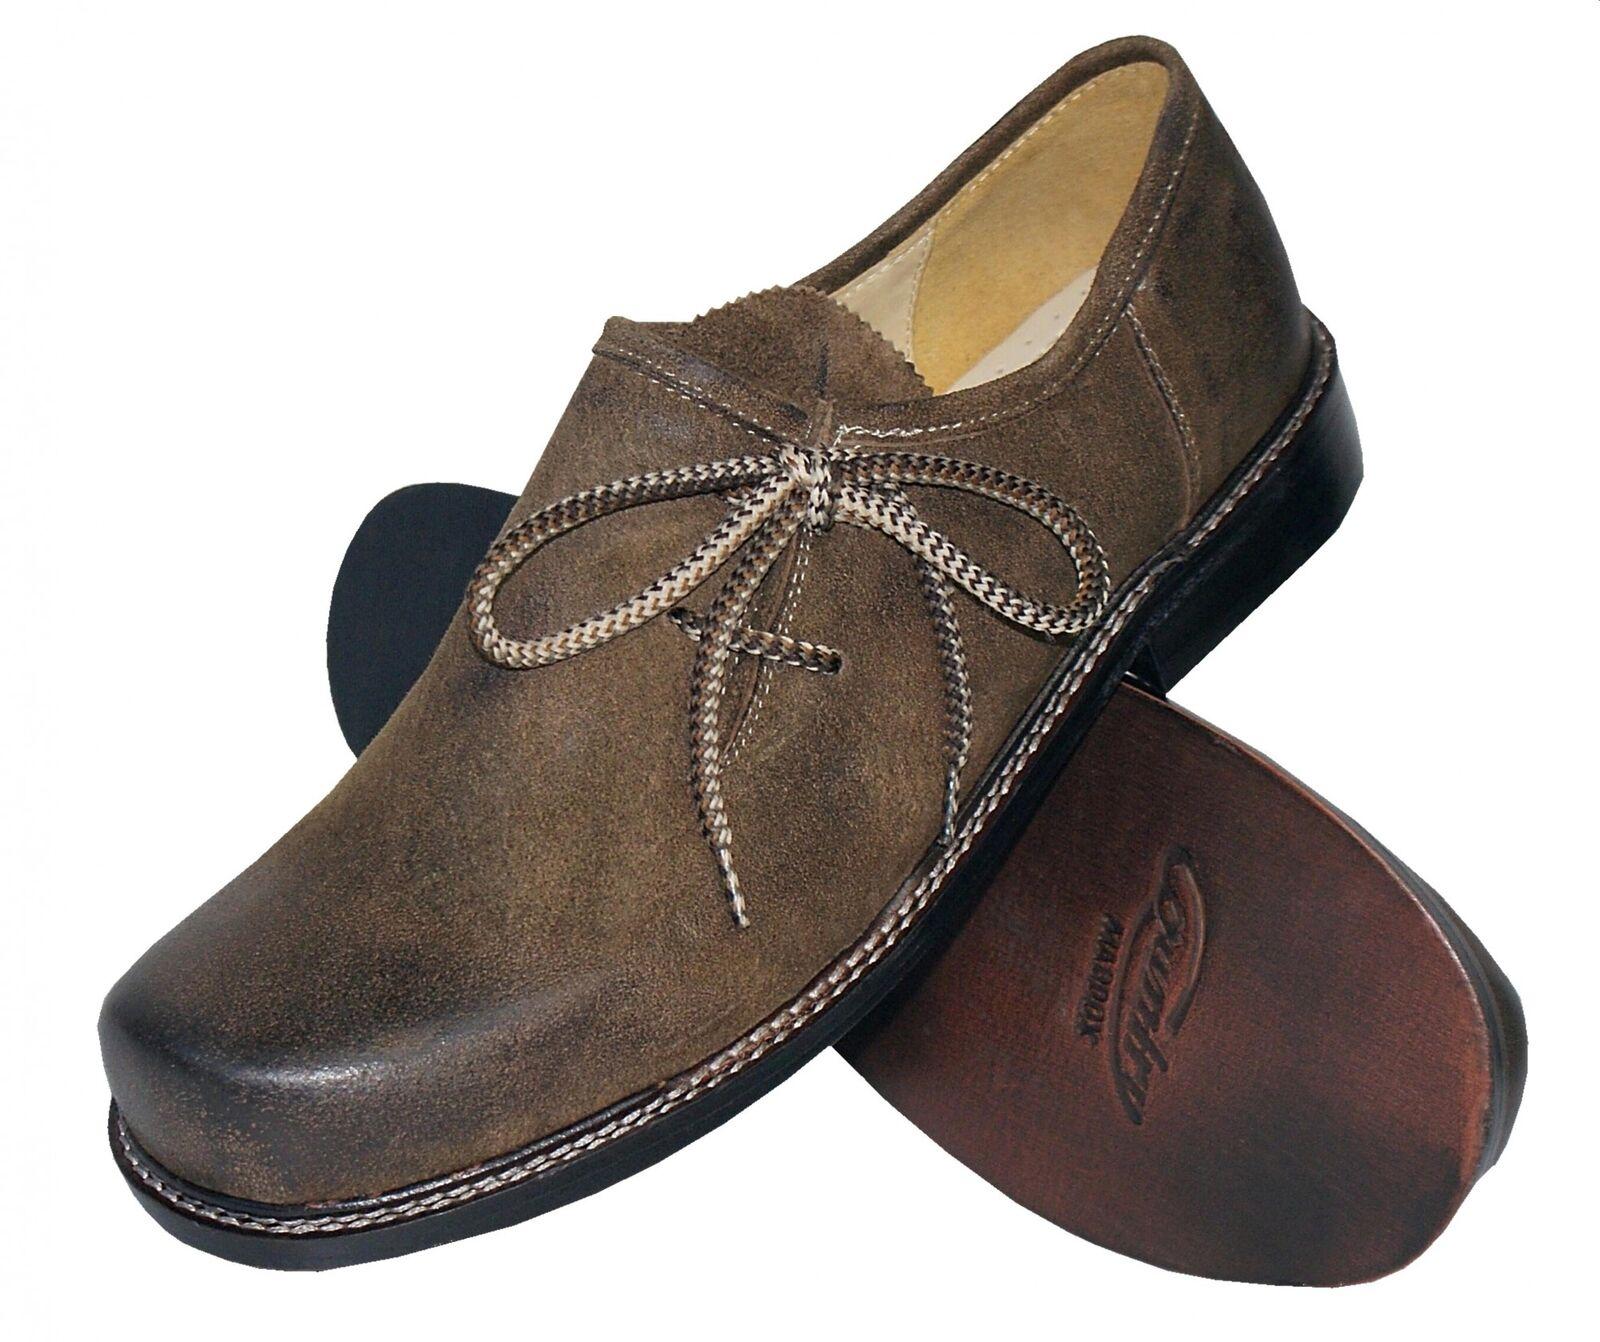 Trachtenschuhe Haferlschuhe Trachten-Schuhe Leder braun Ledersohle Tanzschuhe